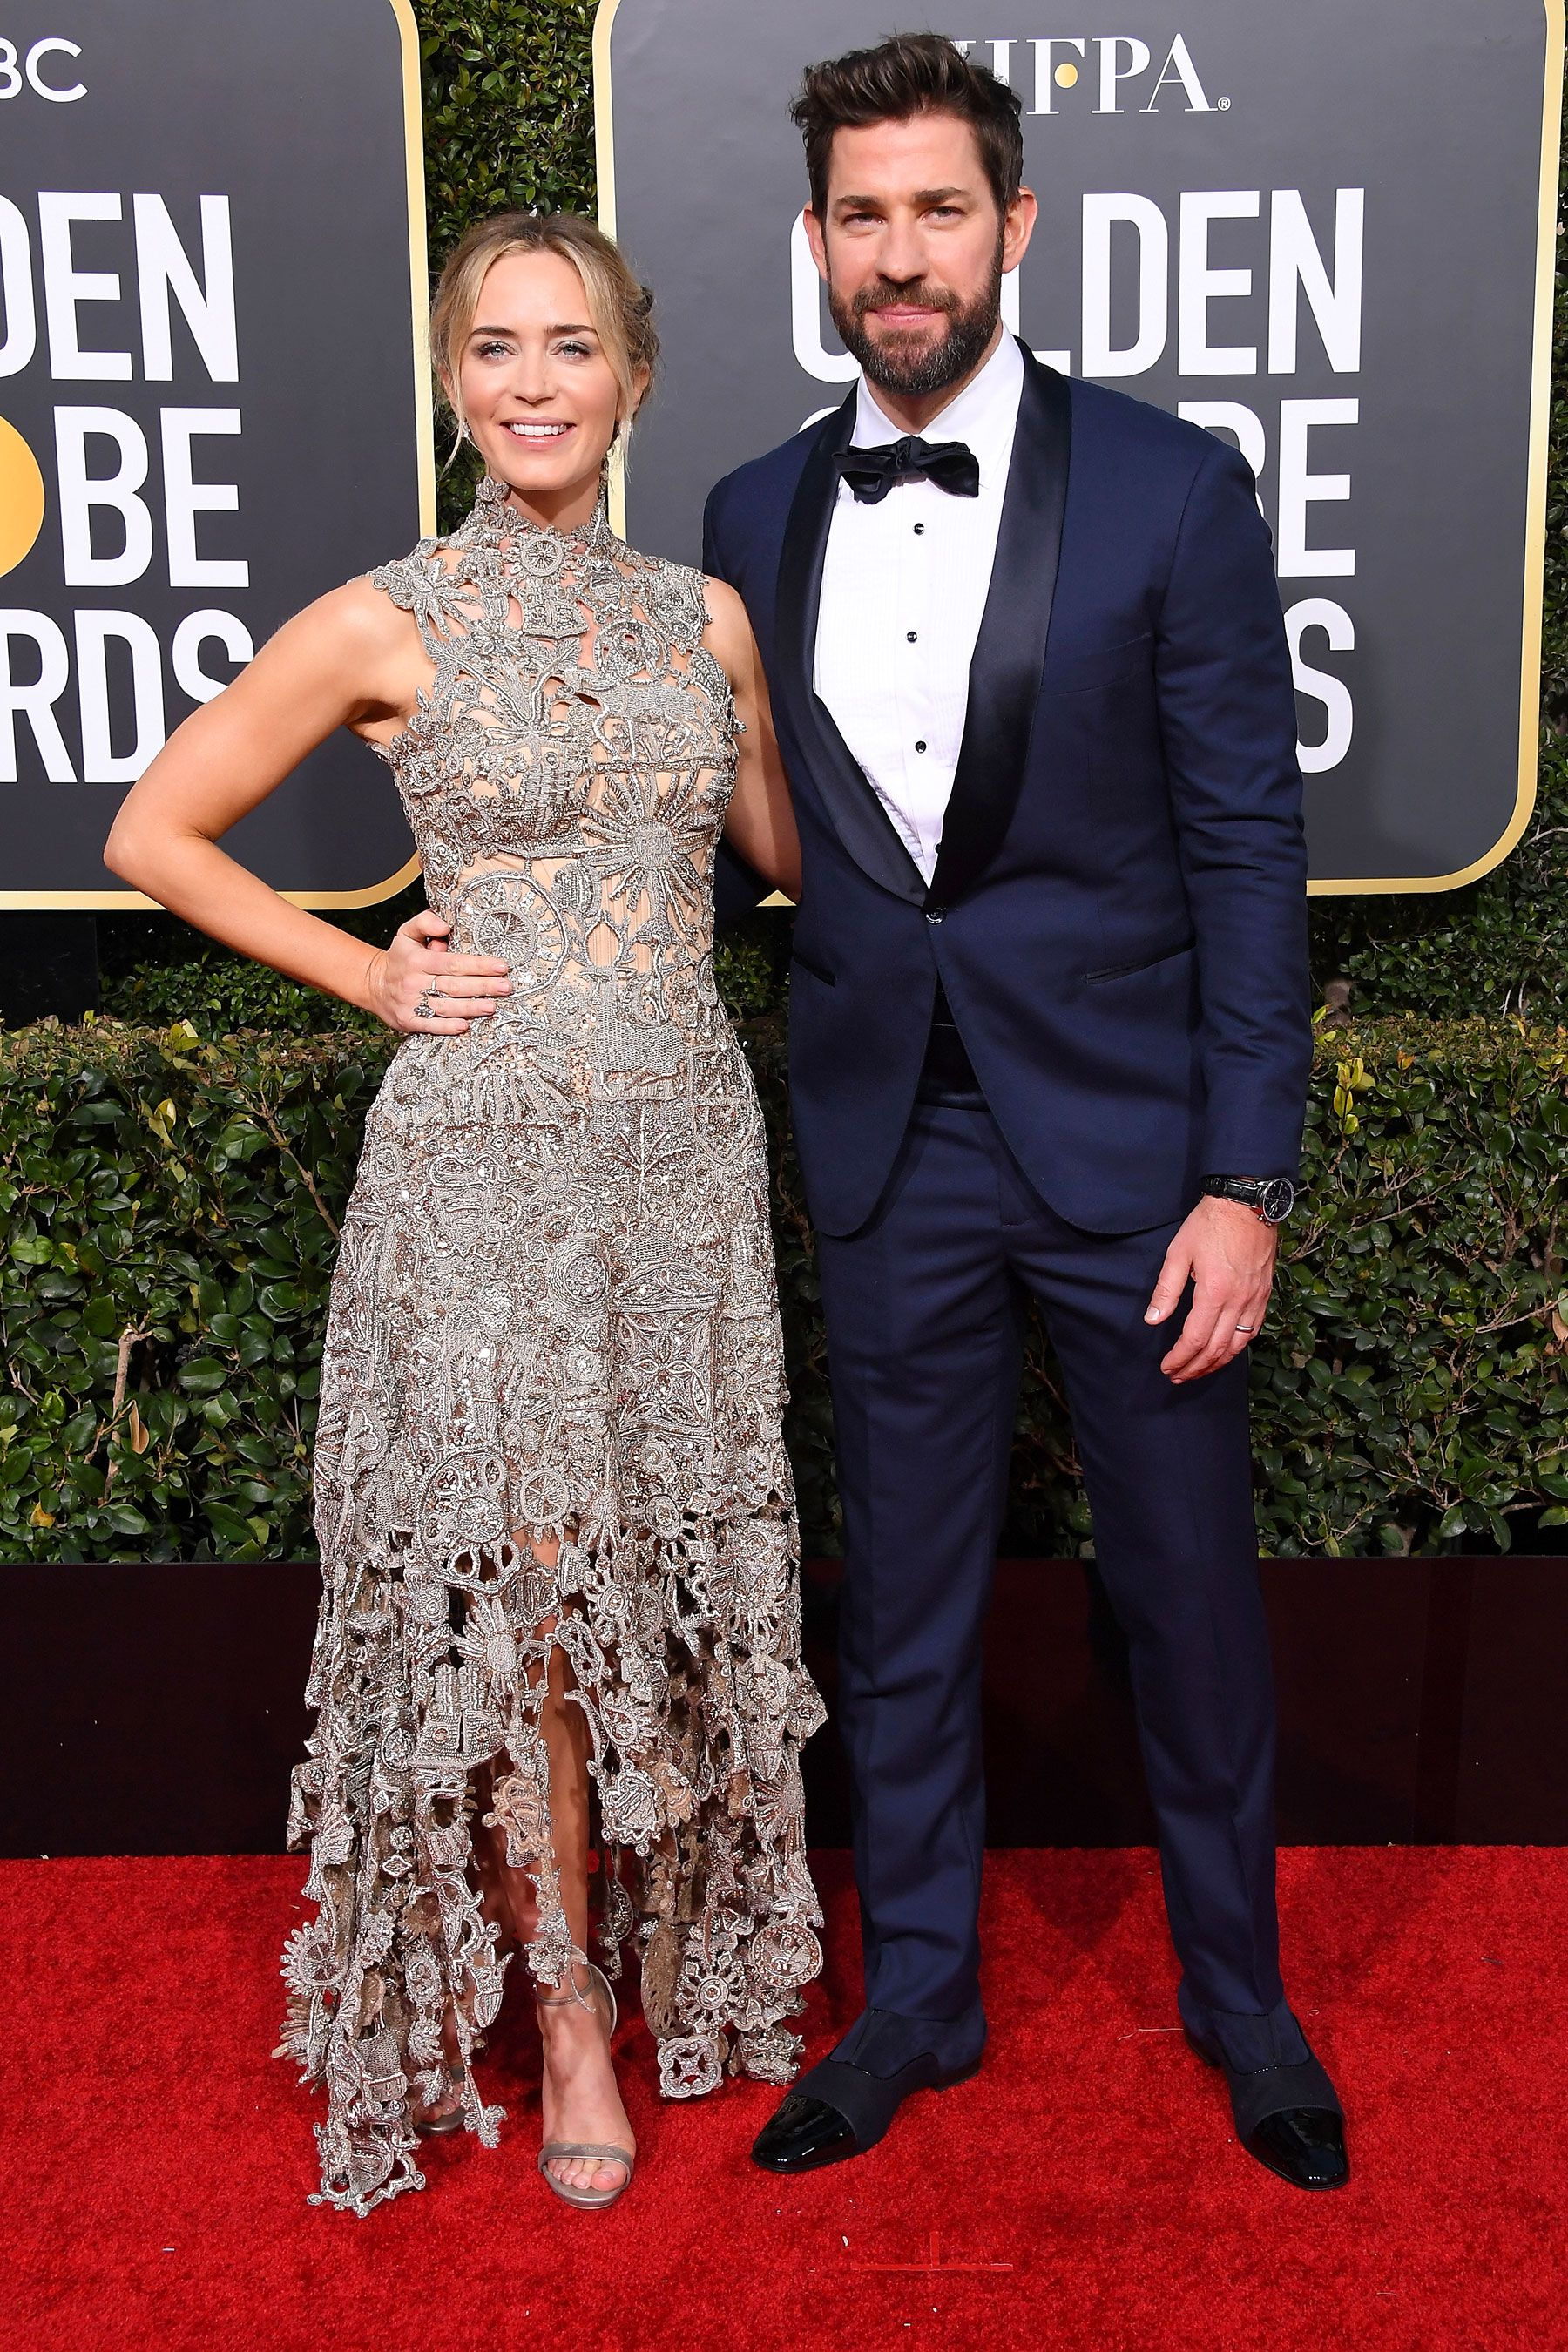 Emily Blunt And John Krasinski Win The Award For Best Dressed